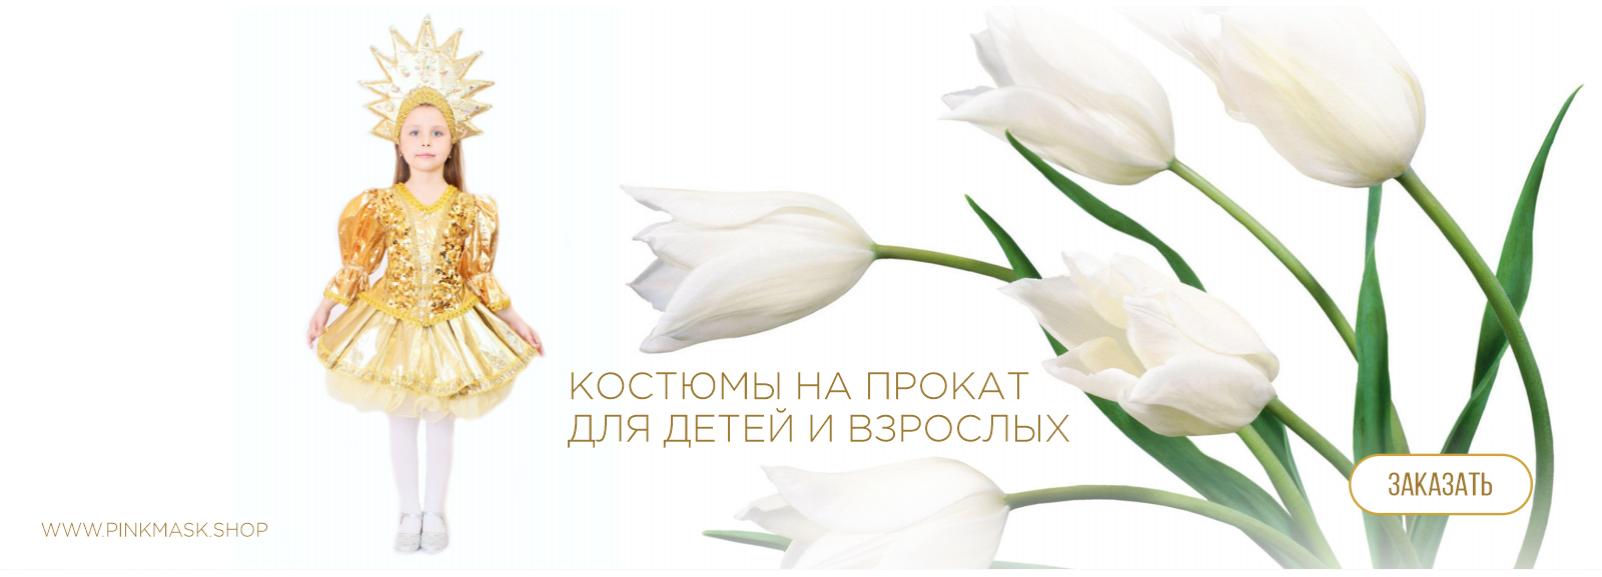 весна3